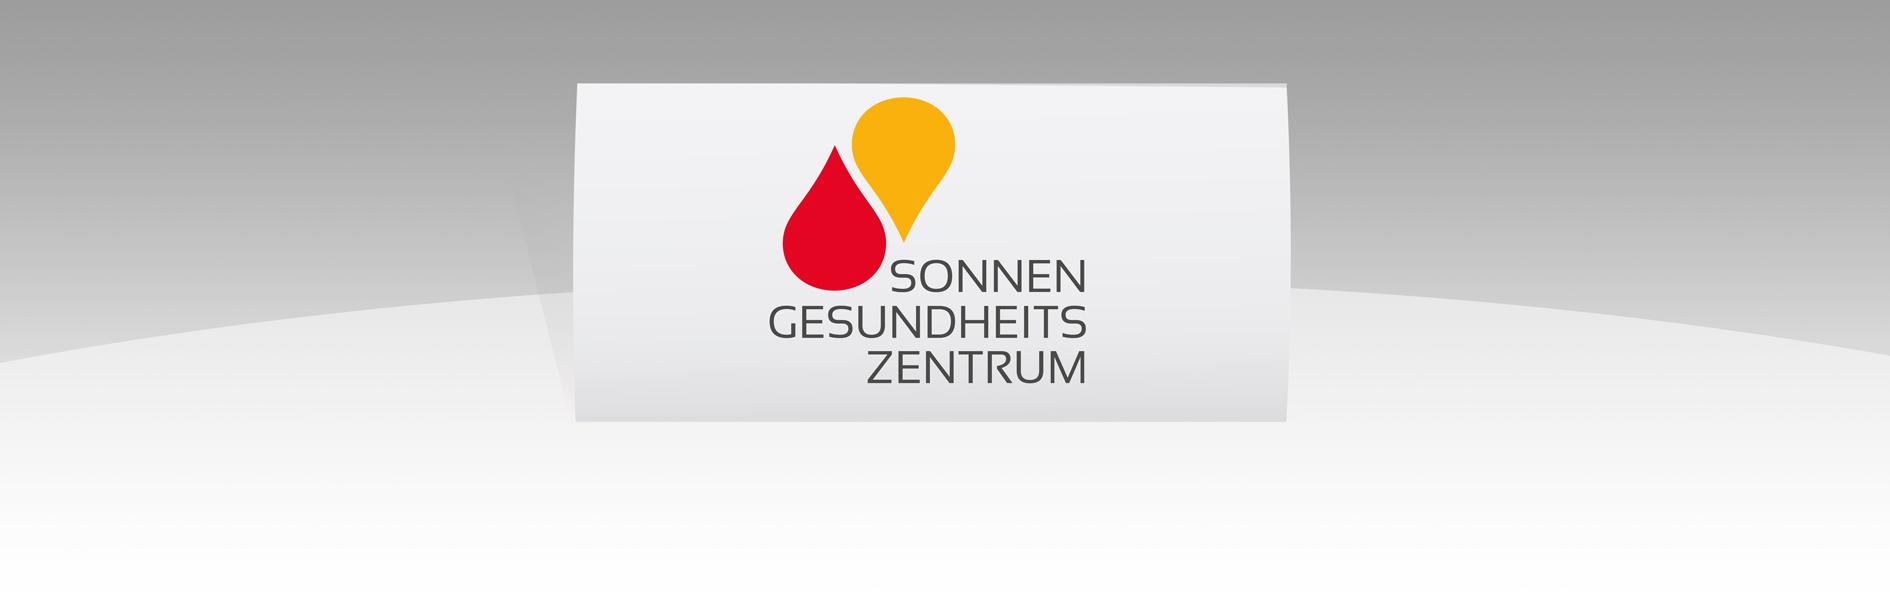 Hier ist das Logo des Sonnengesundheitszentrums abgebildet.